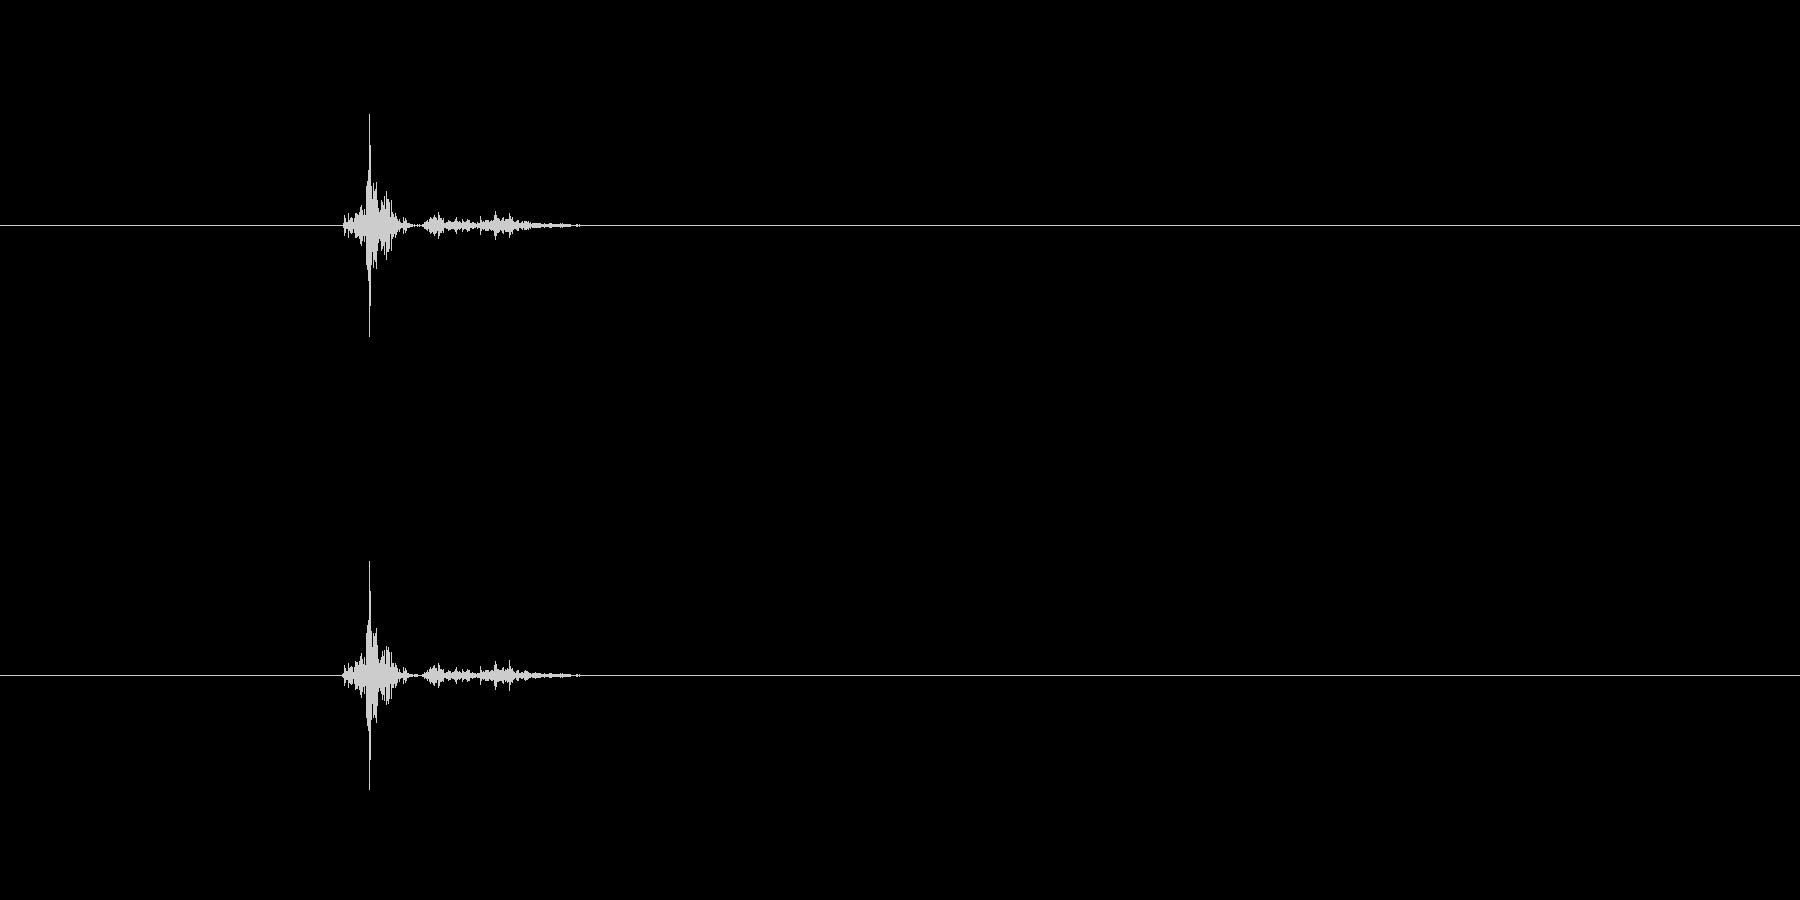 ビシャビシャ押しつぶすの未再生の波形